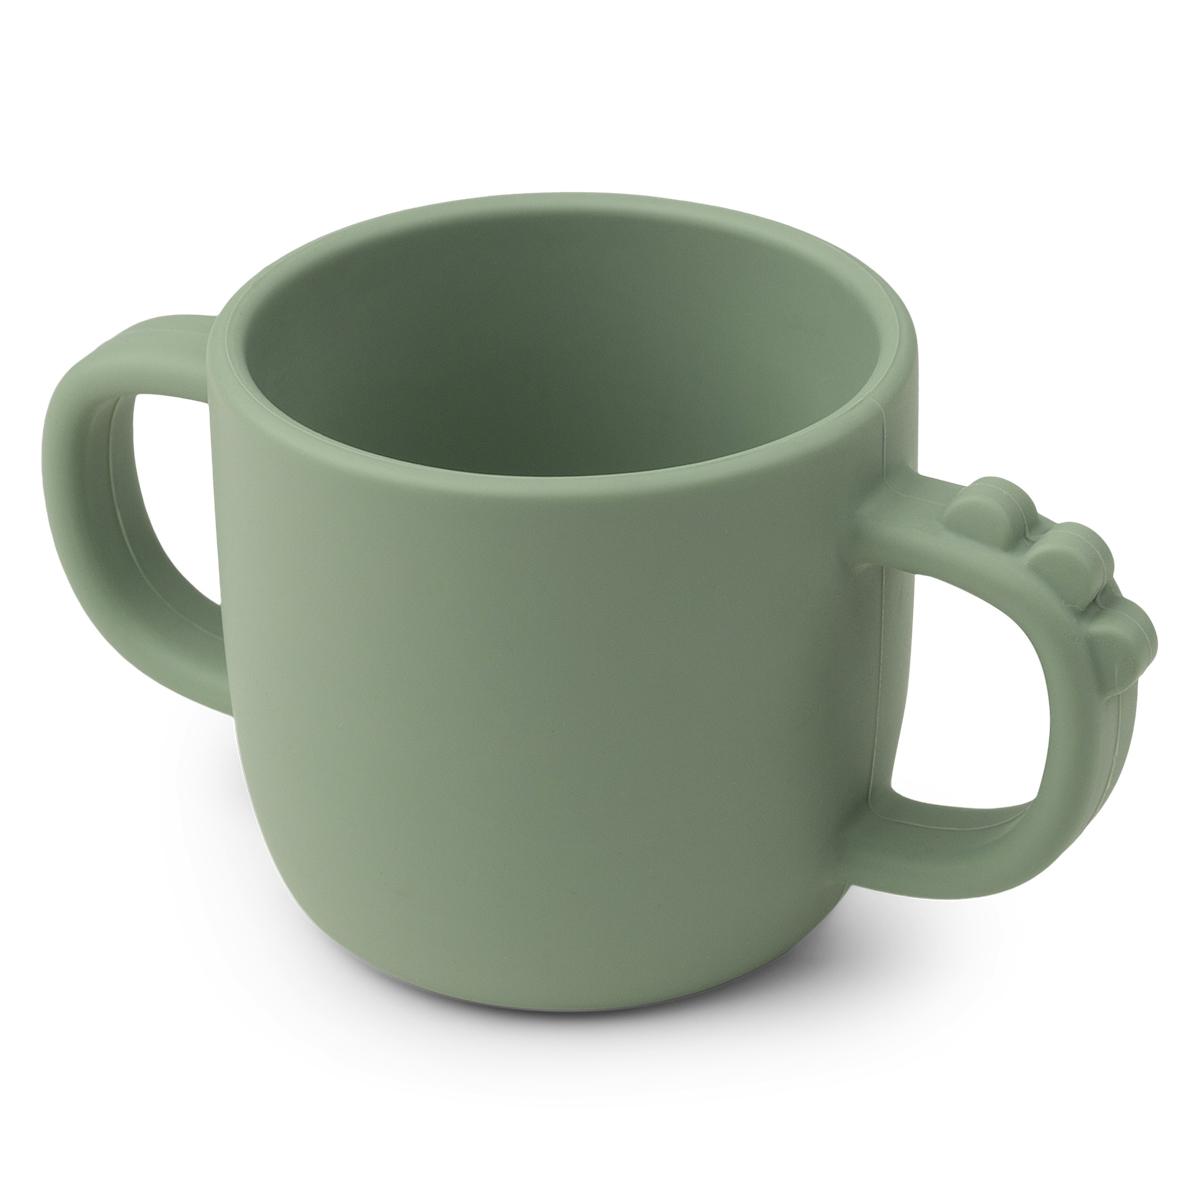 Tasse & Verre Tasse Peekaboo Croco - Vert Tasse Peekaboo Croco - Vert